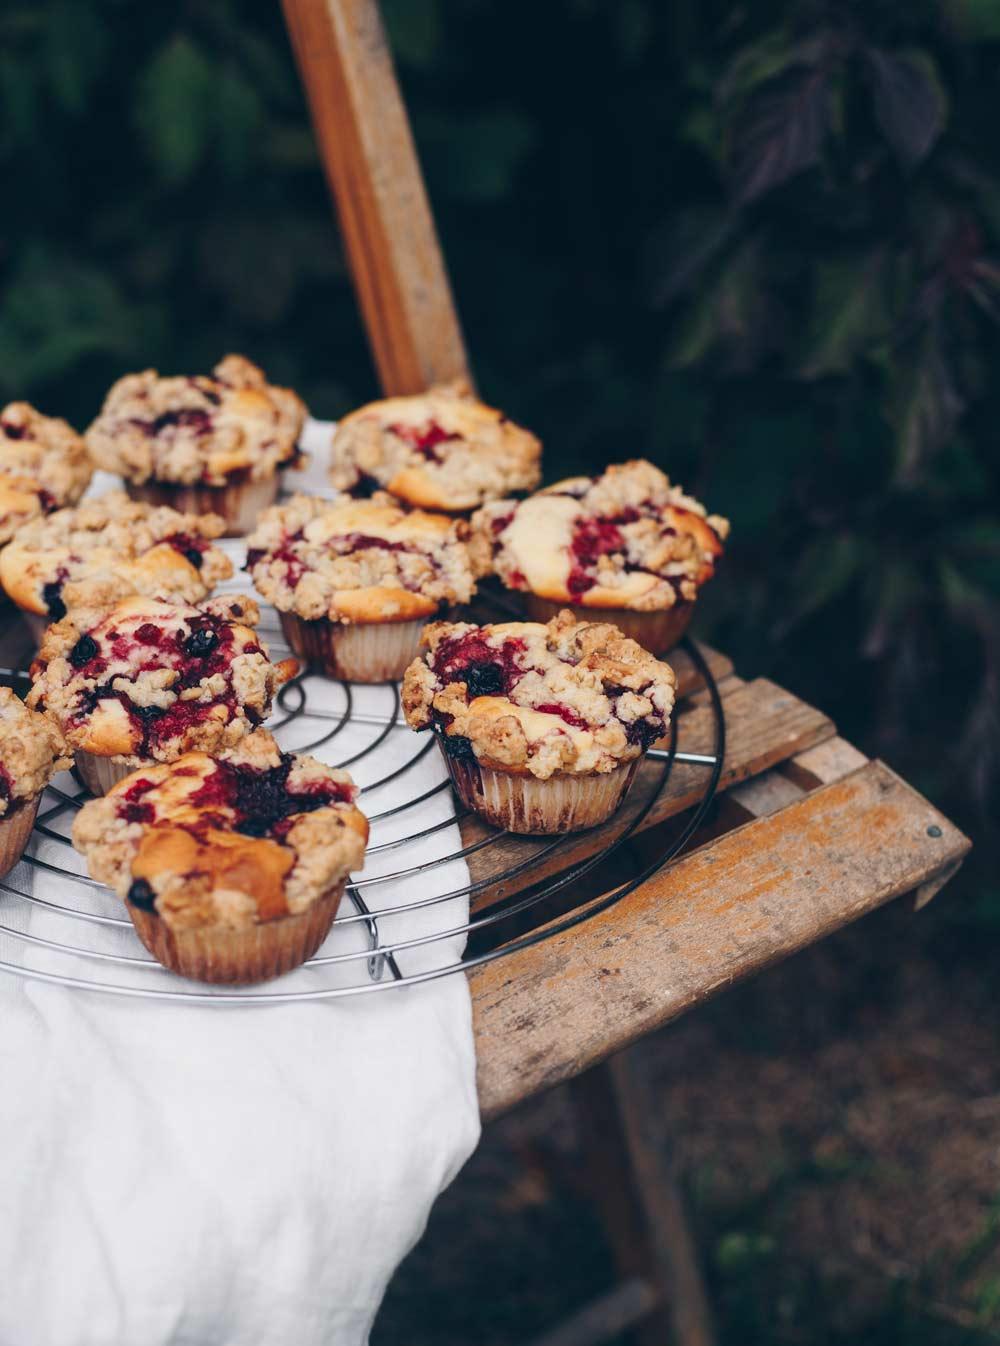 Muffins mit Waldbeeren und Walnussstreuseln - einfaches Basisrezept mit Frischkäse